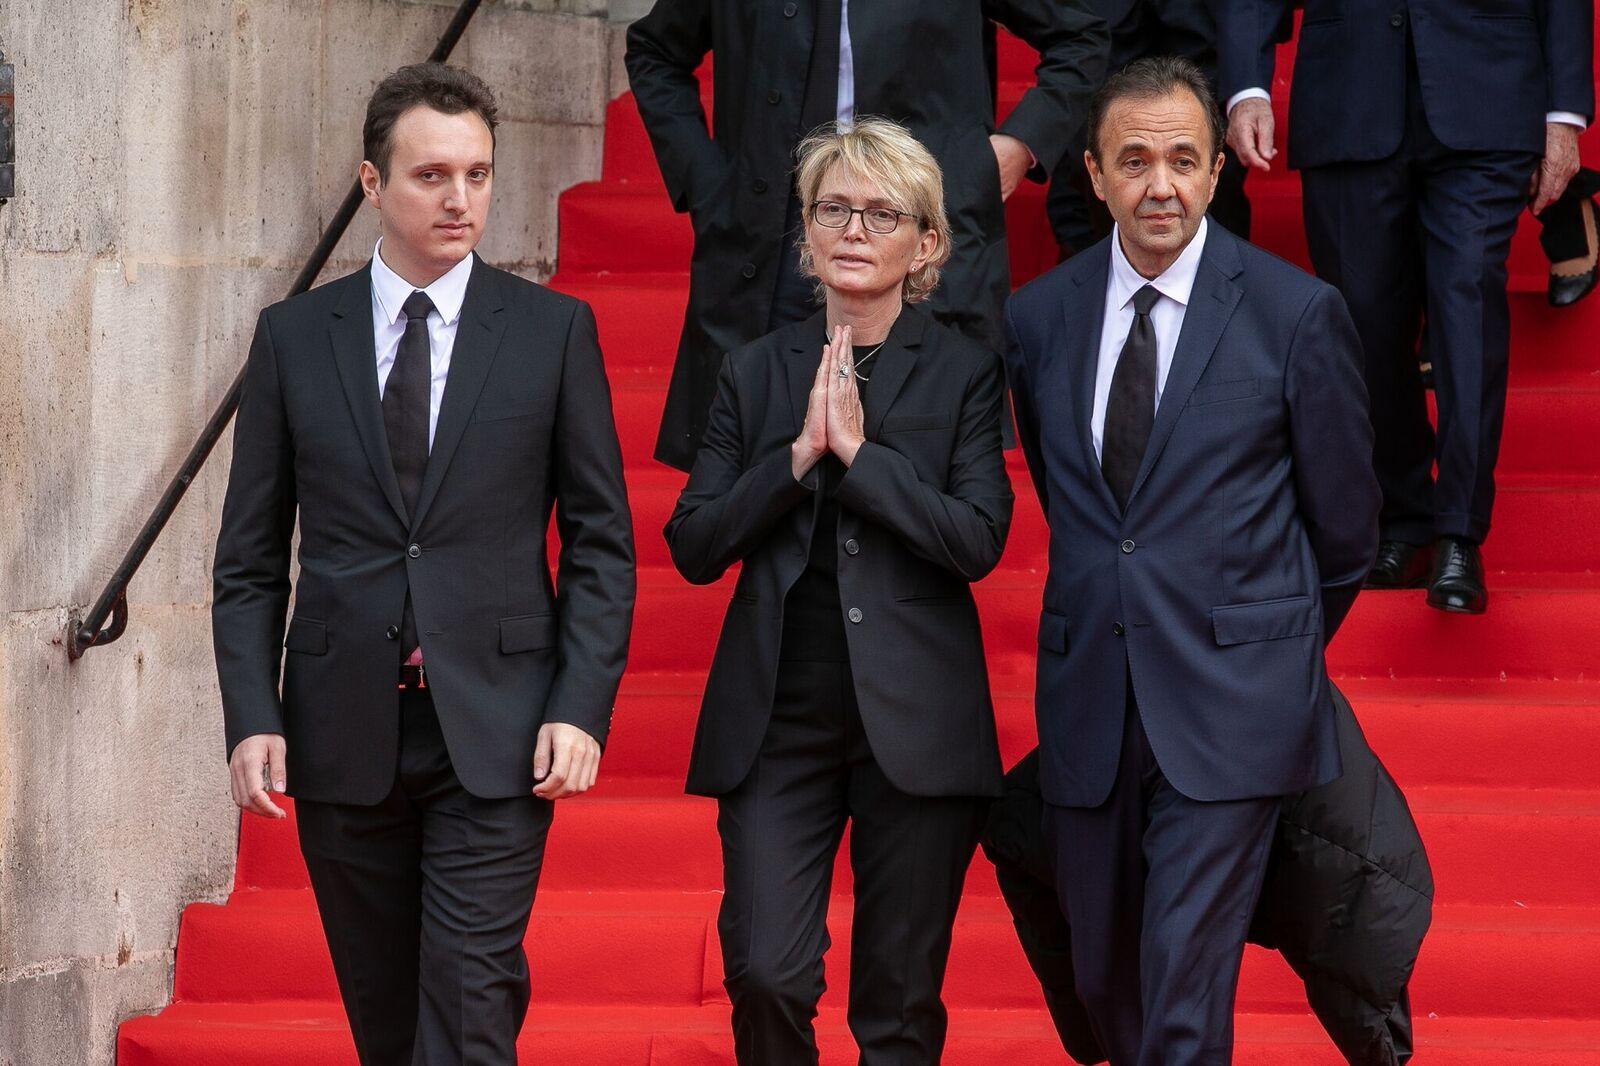 Les familles Chirac, remercient le public à l'occasion des funérailles de l'ancien président français Jacques Chirac, à Paris.  | Photo : GettyImage